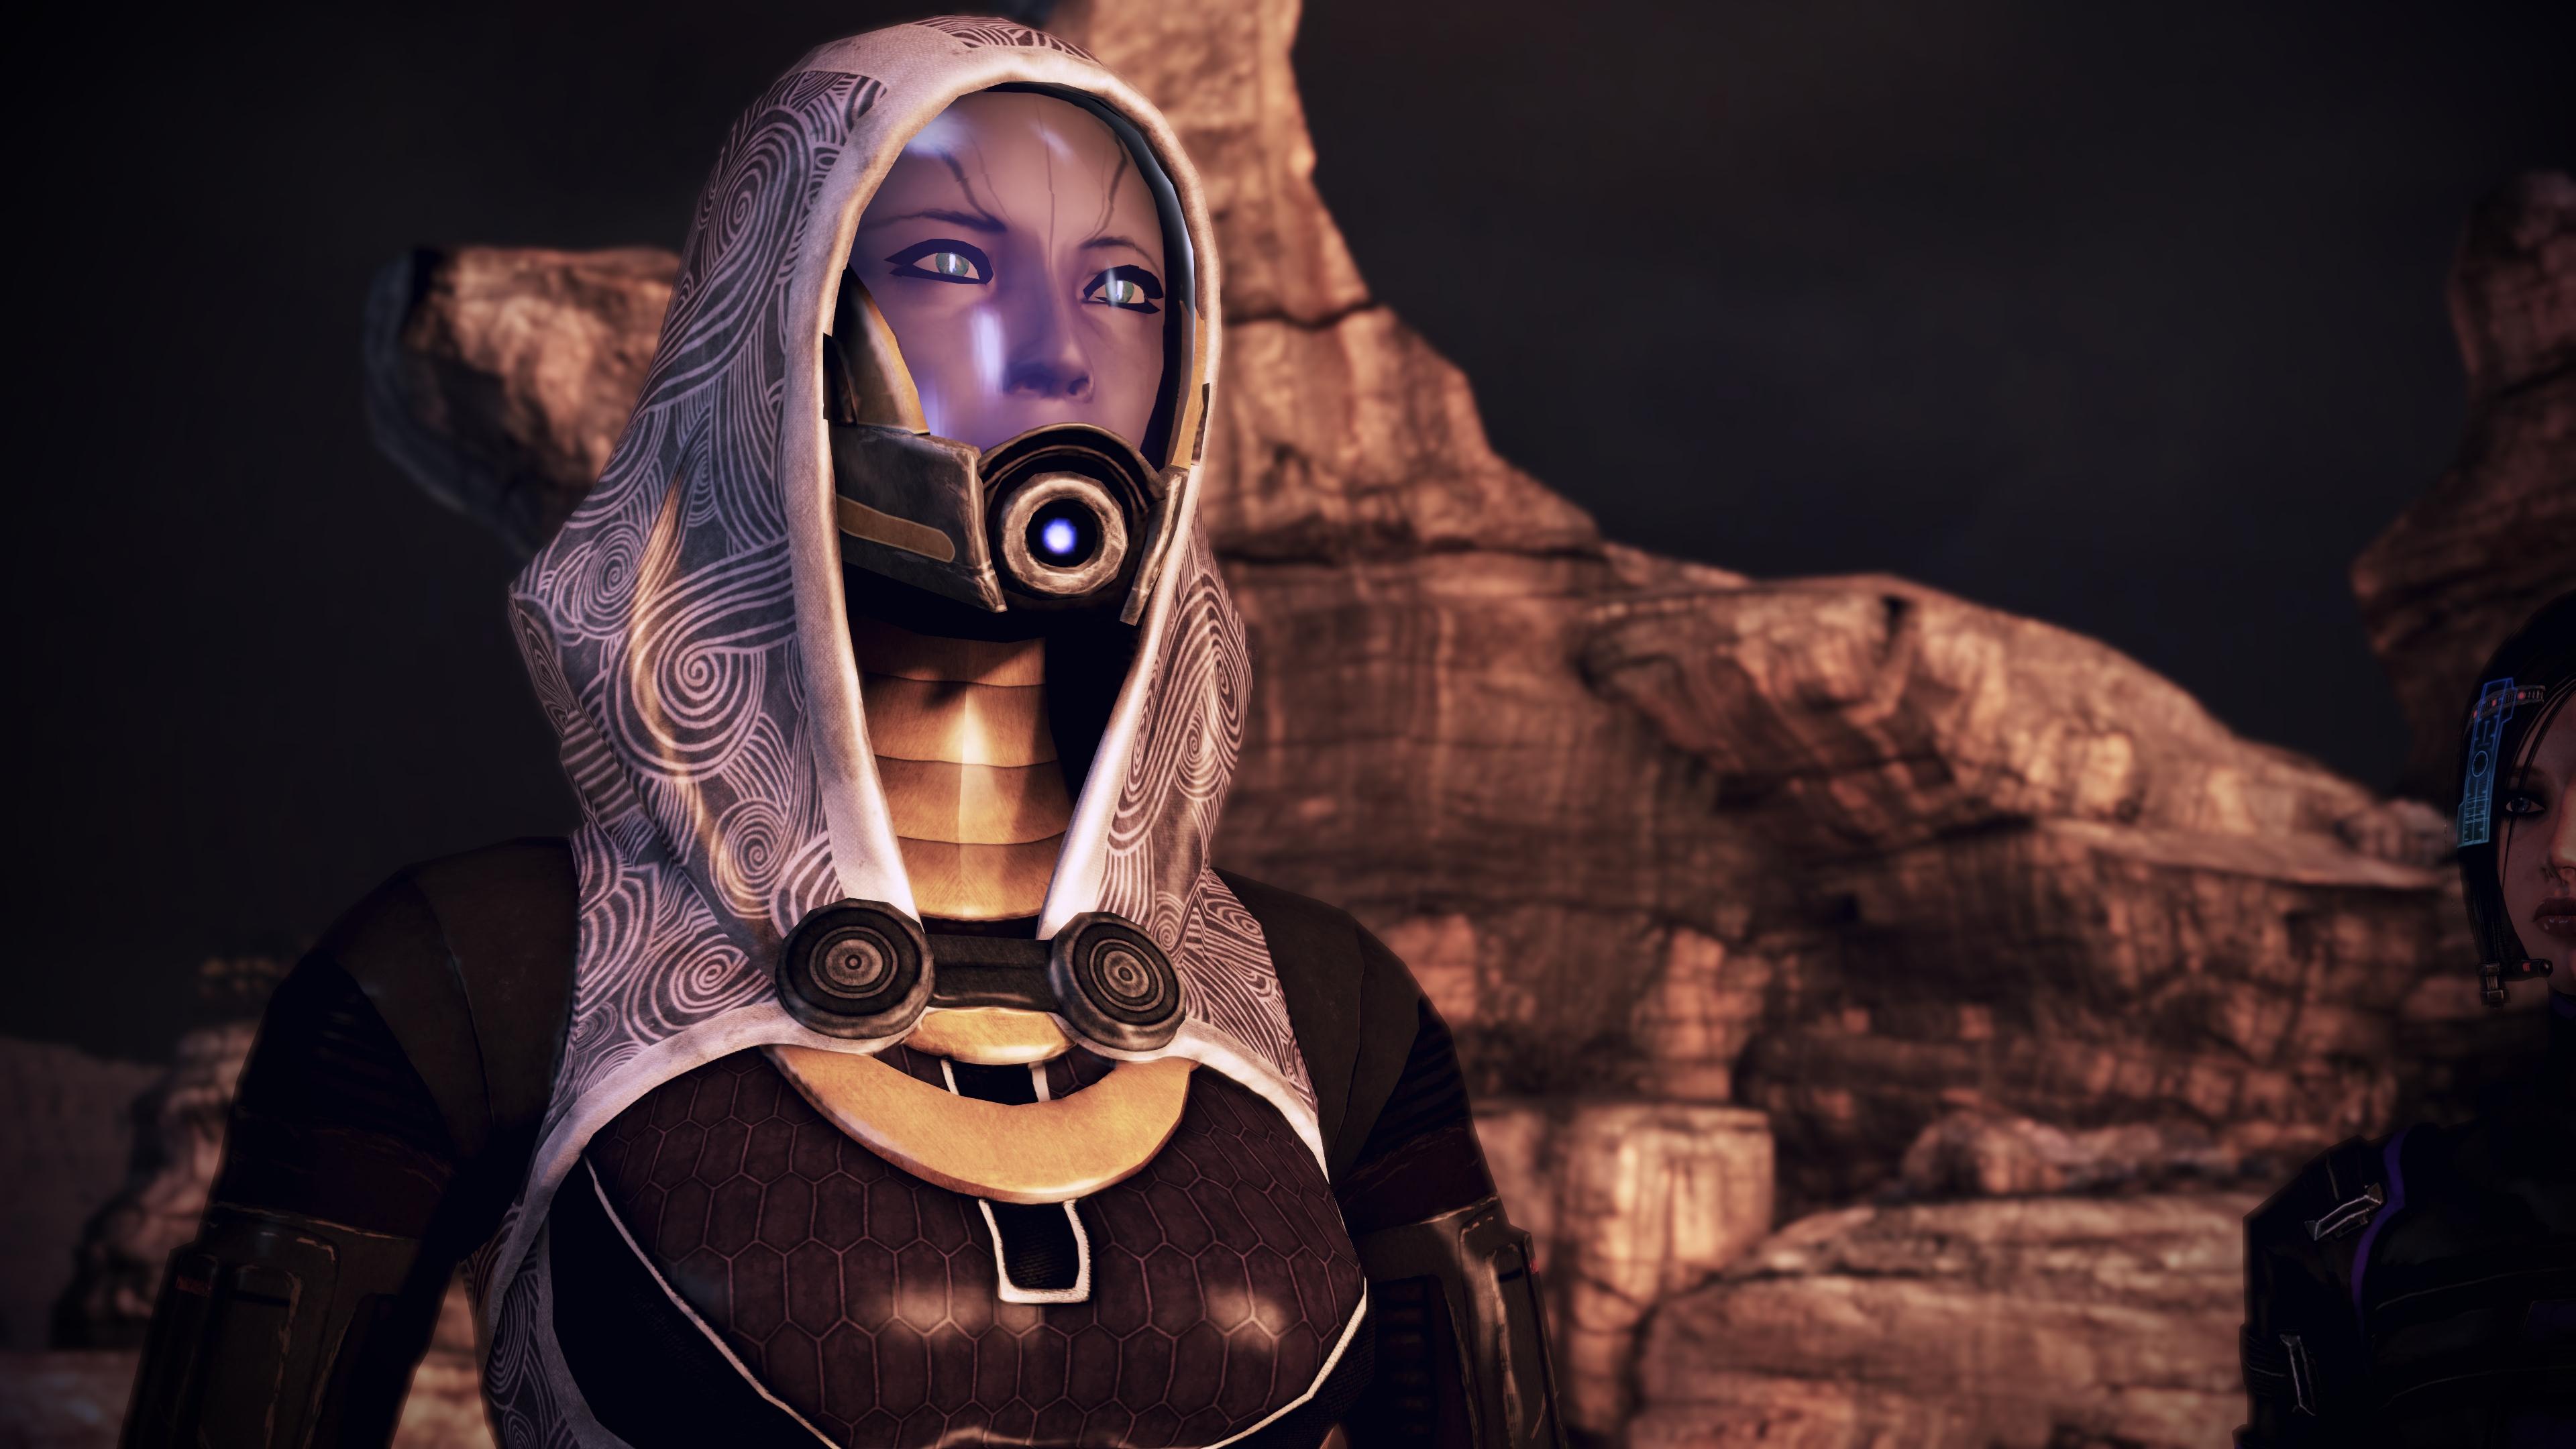 Mass Effect 3 Screenshot 2019.01.20 - 20.28.37.jpg - Mass Effect 3